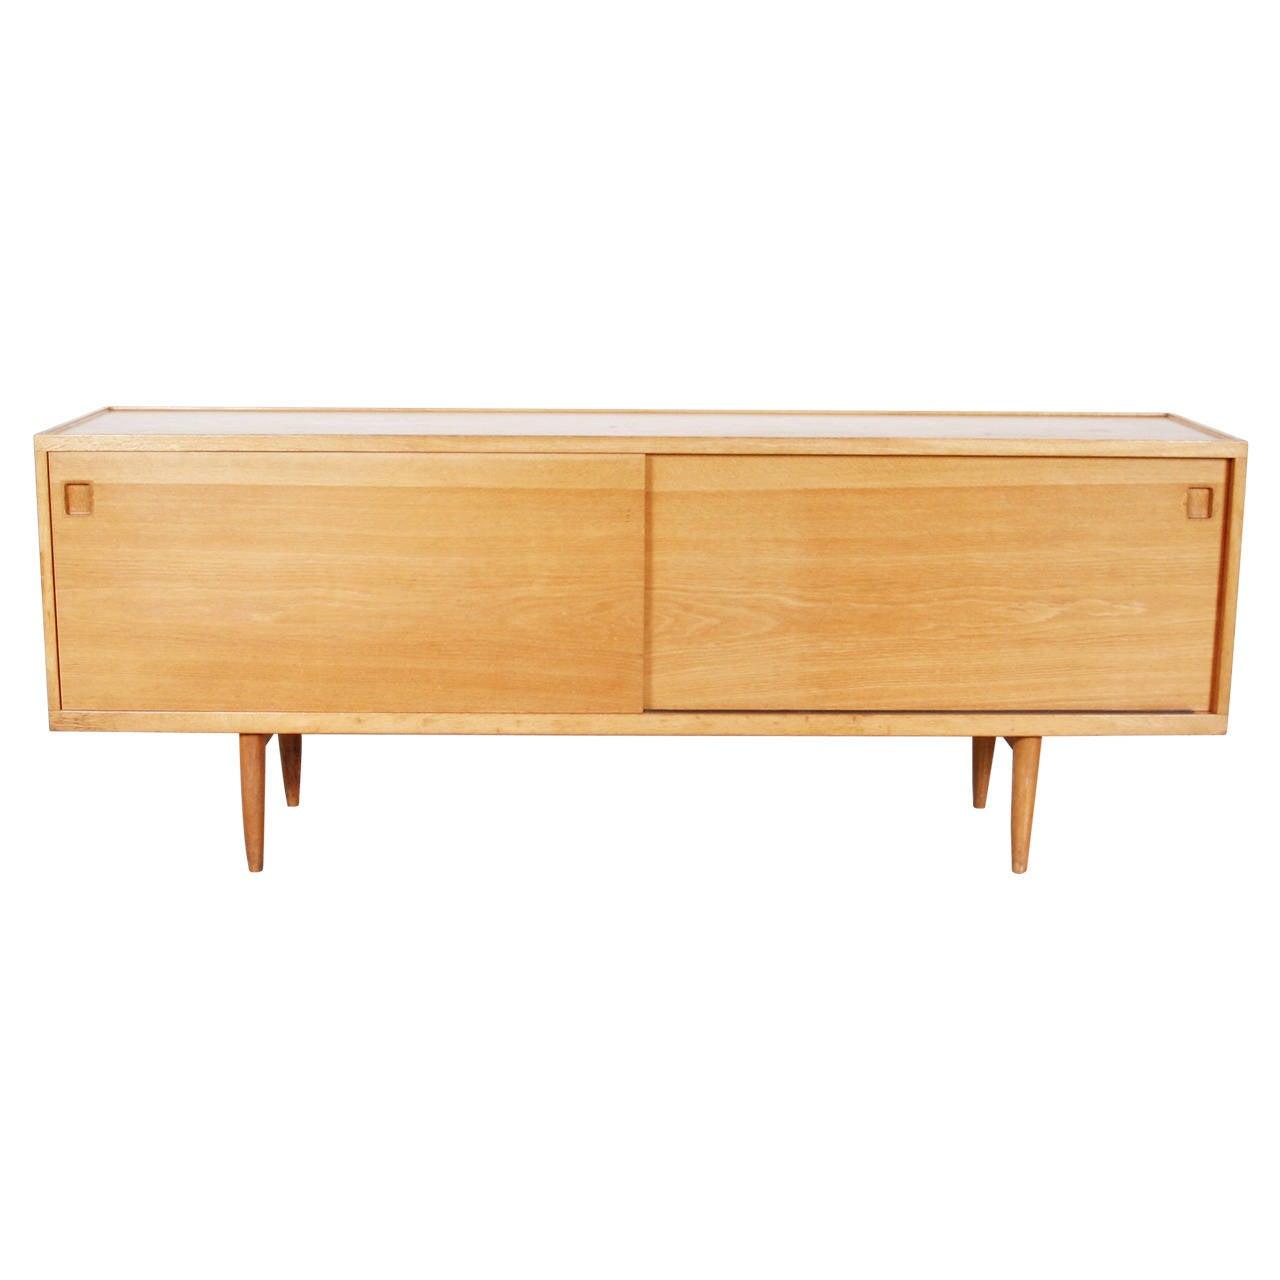 niels otto m ller oak sideboard circa 1960 for sale at. Black Bedroom Furniture Sets. Home Design Ideas